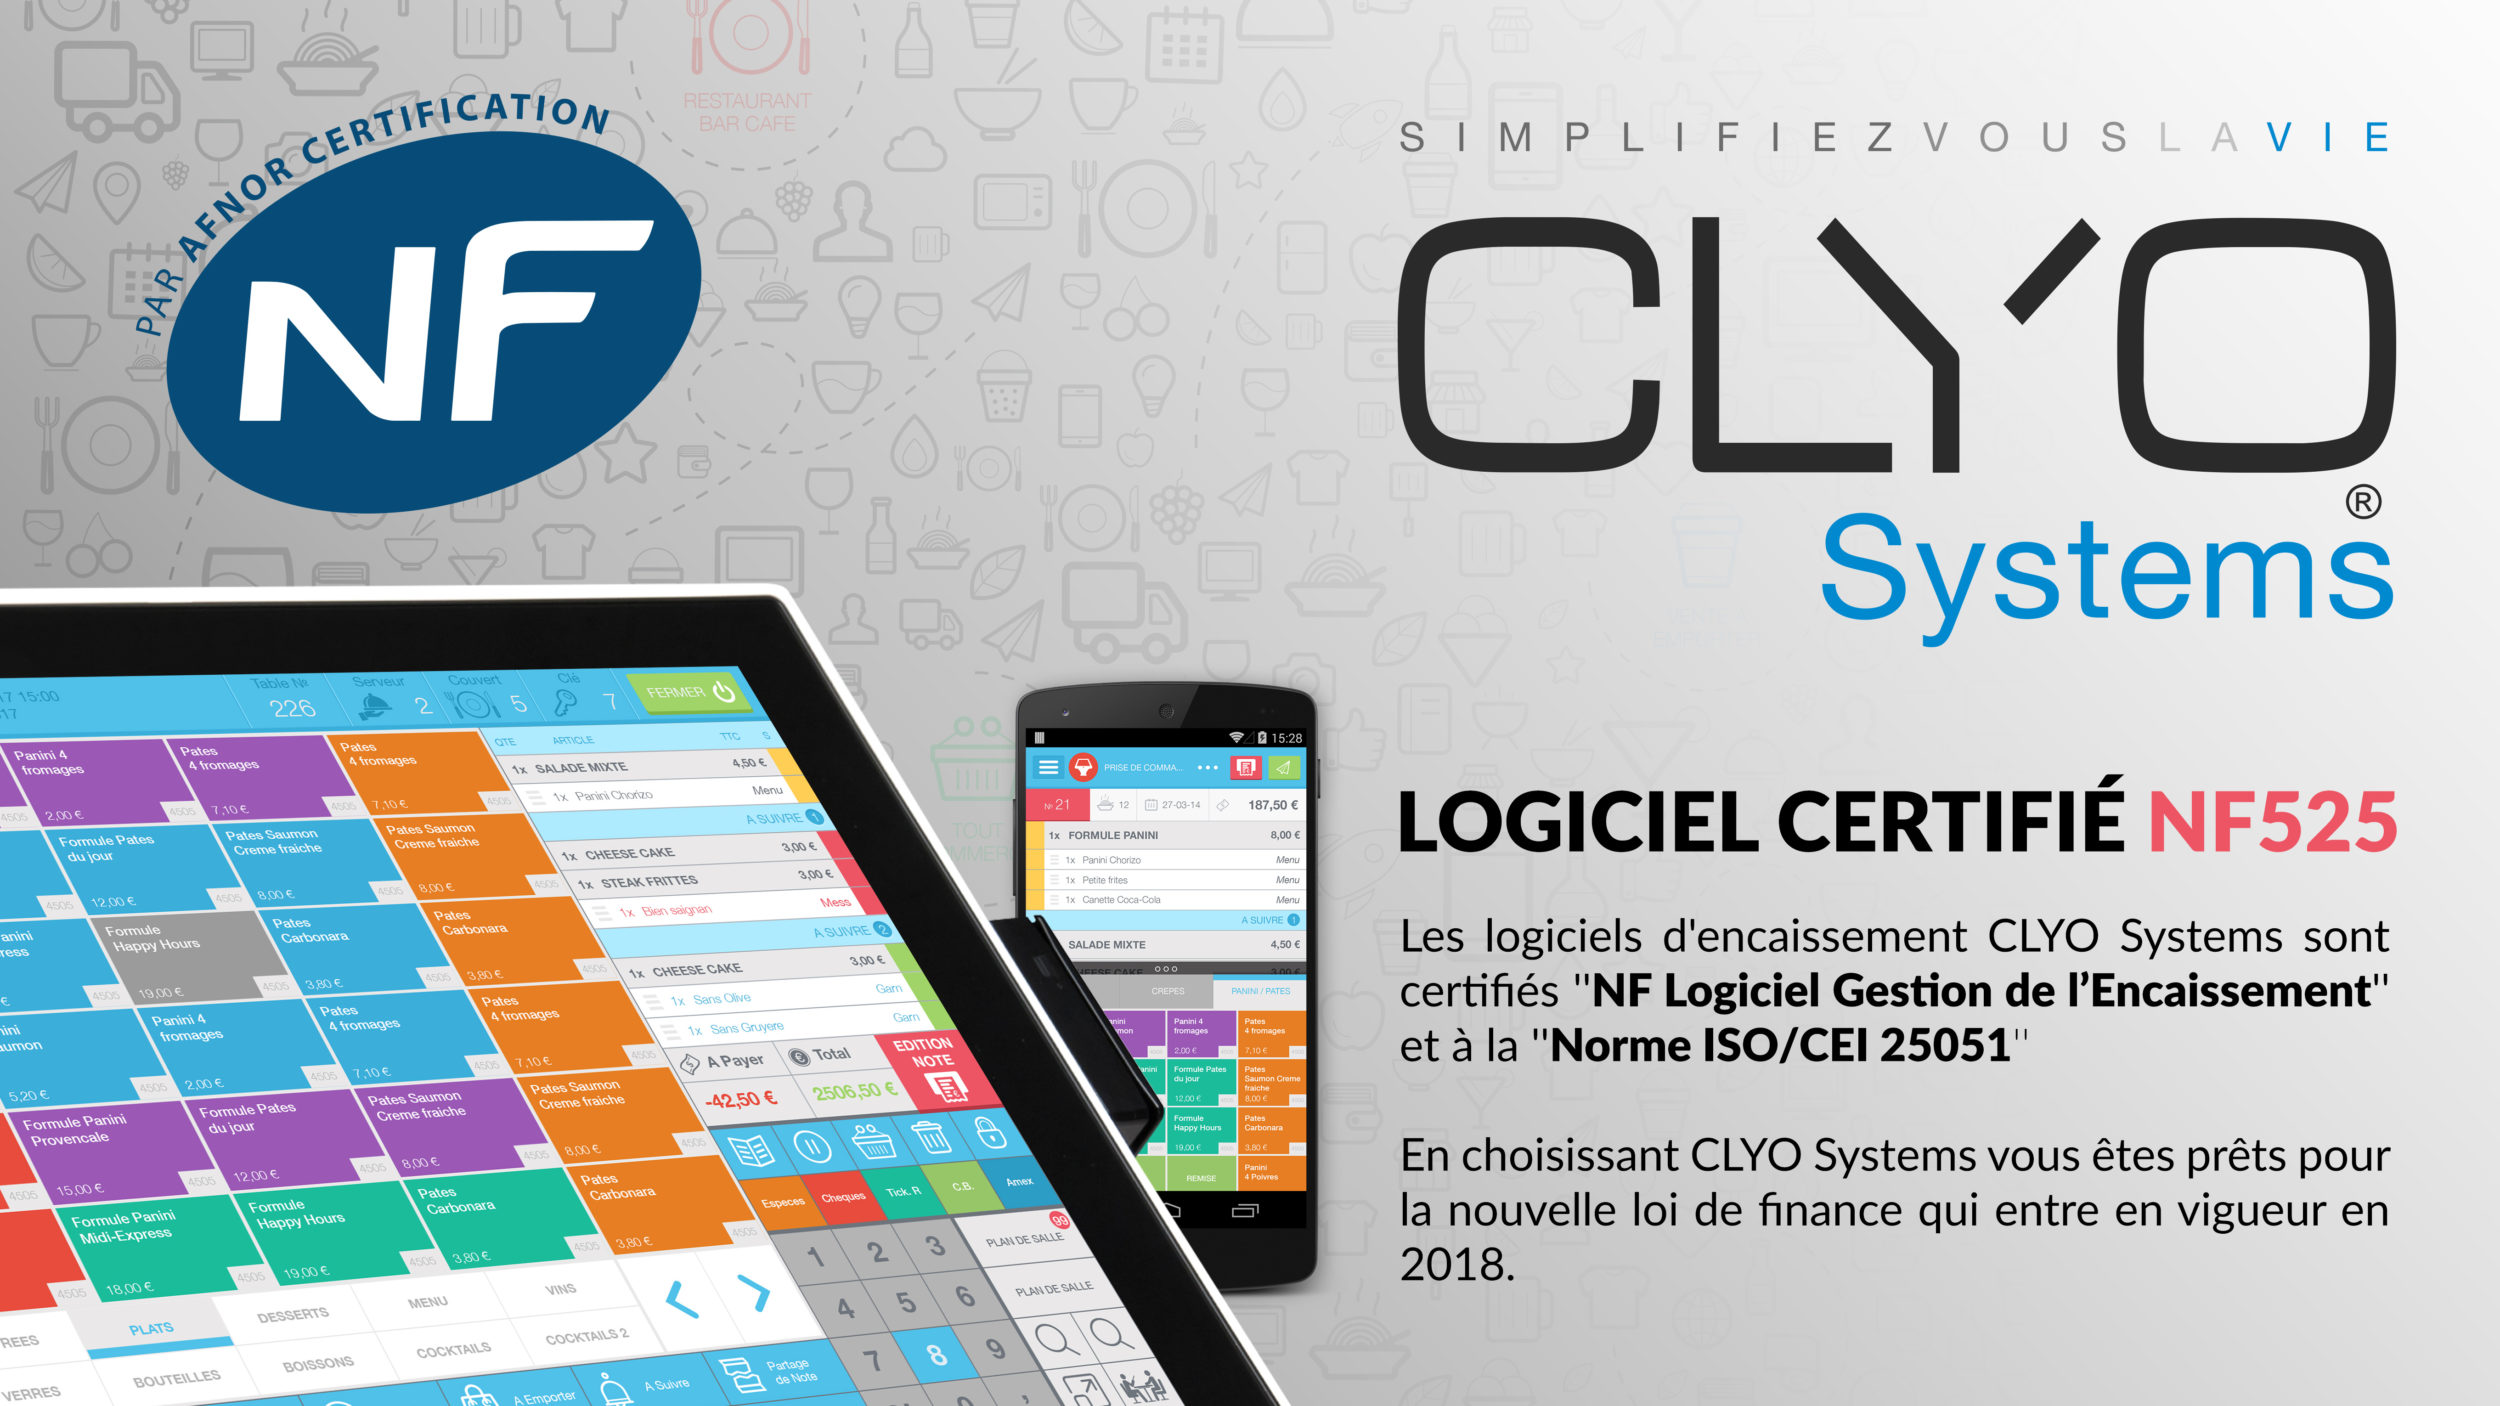 Logiciel CLyo Systems sur caisse et mobile